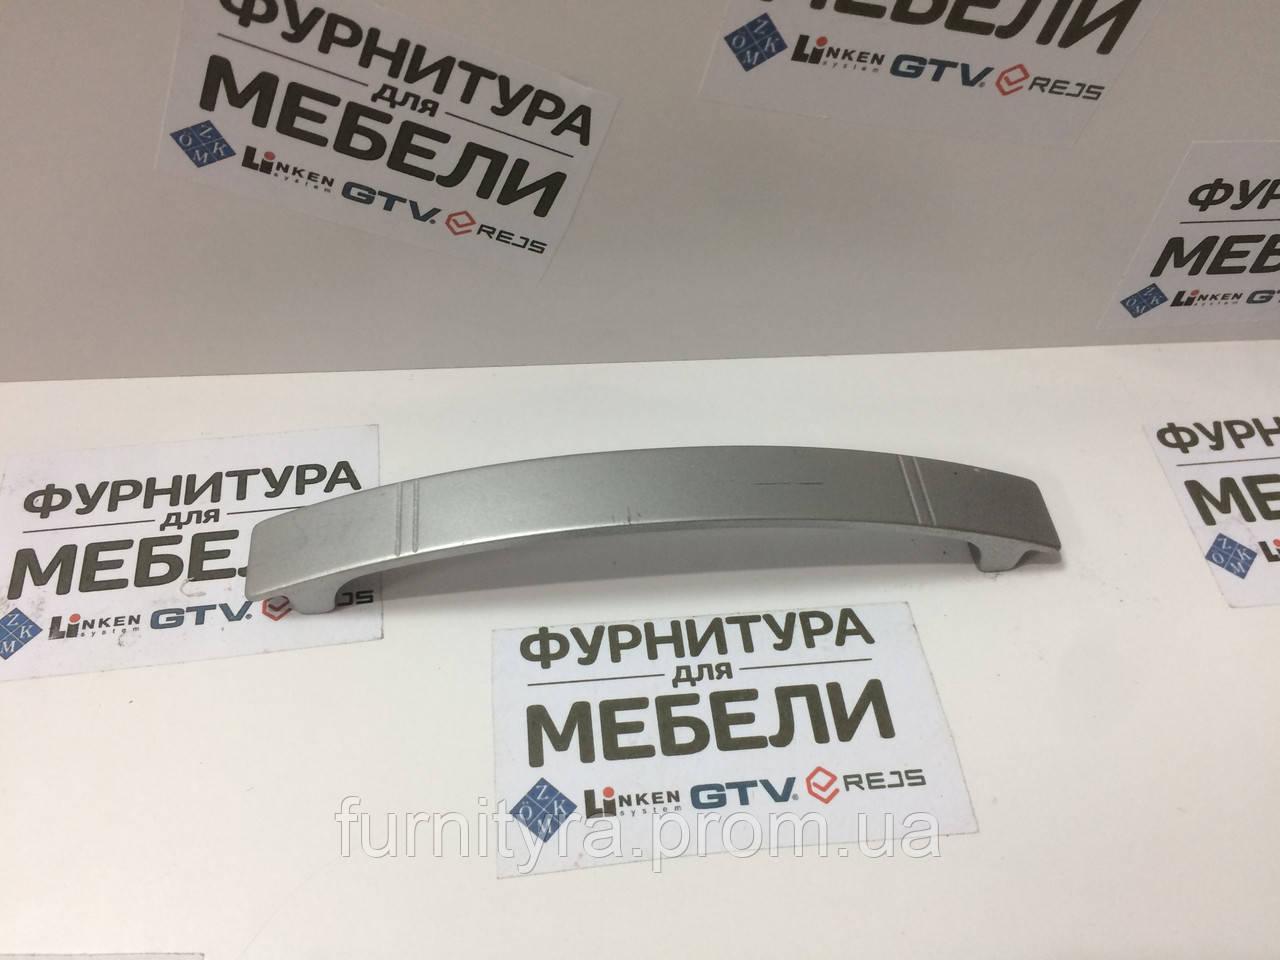 Ручка 128mm ROZA Матовый хром